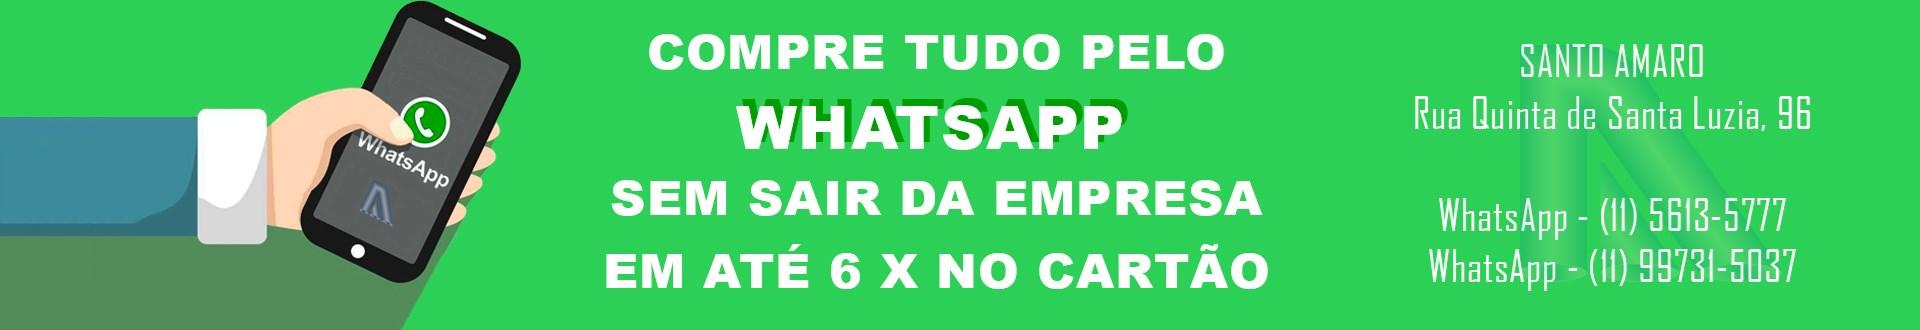 2021-04-01-compre-tudo-pelo-whatsapp-em-6-x-no-cartão (002).jpg